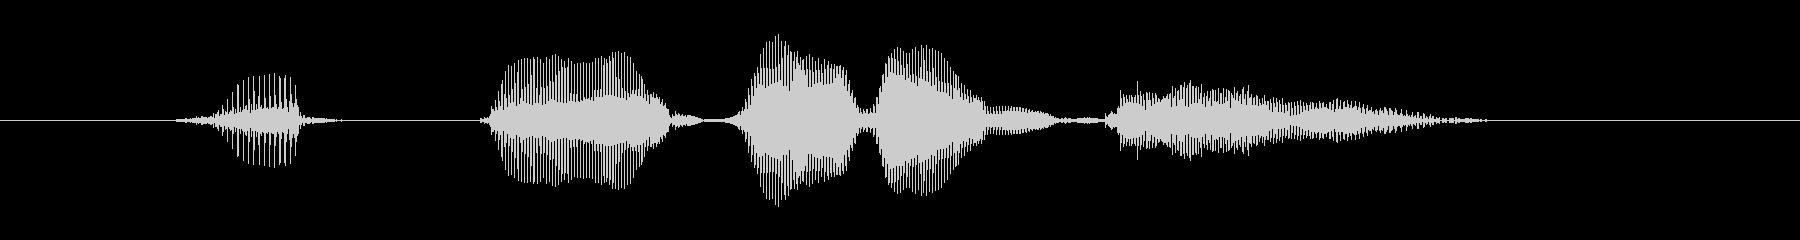 【行事・イベント・挨拶】はっぴーばれん…の未再生の波形